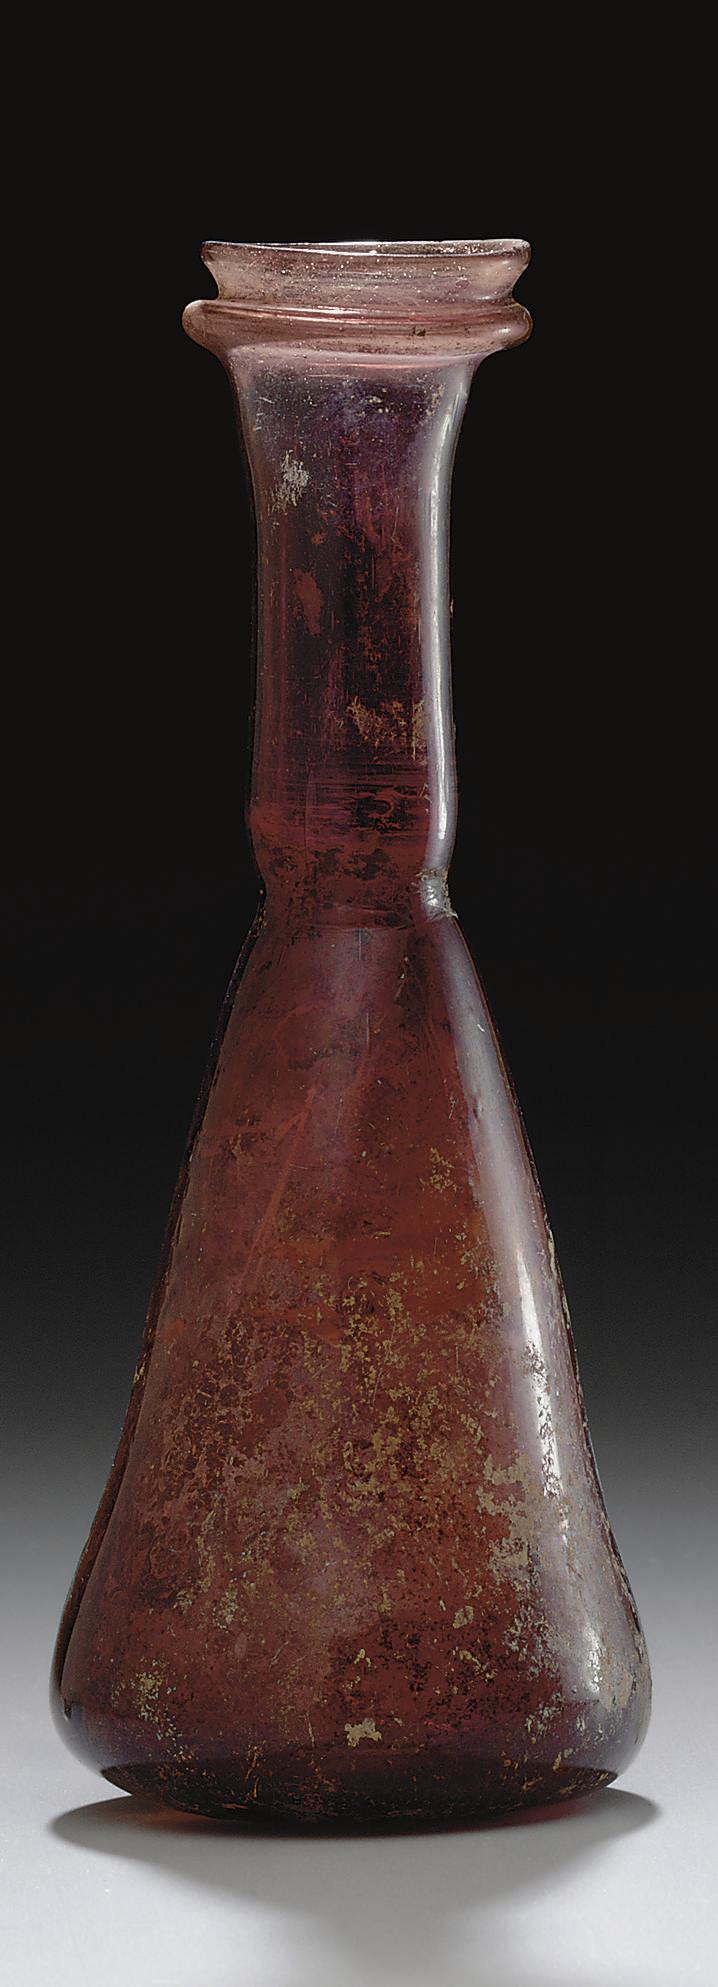 A ROMAN GLASS FLASK